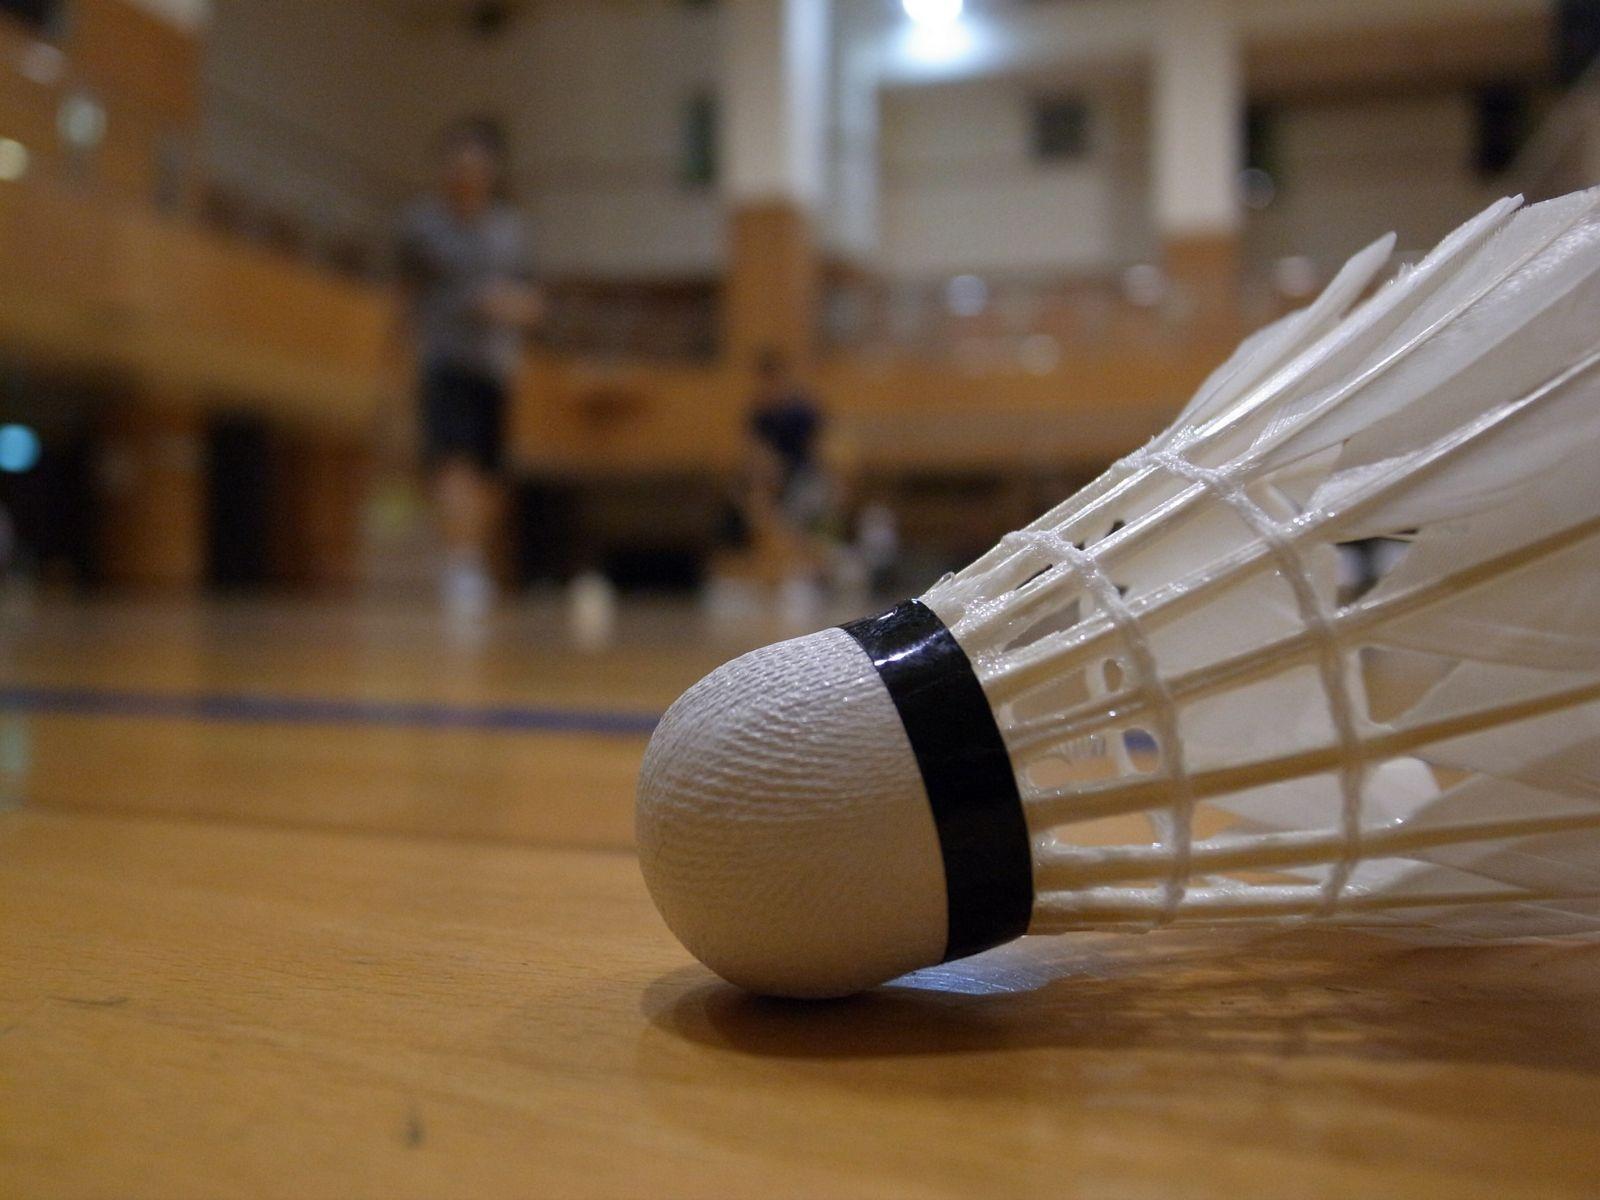 教育訓練班際羽球賽